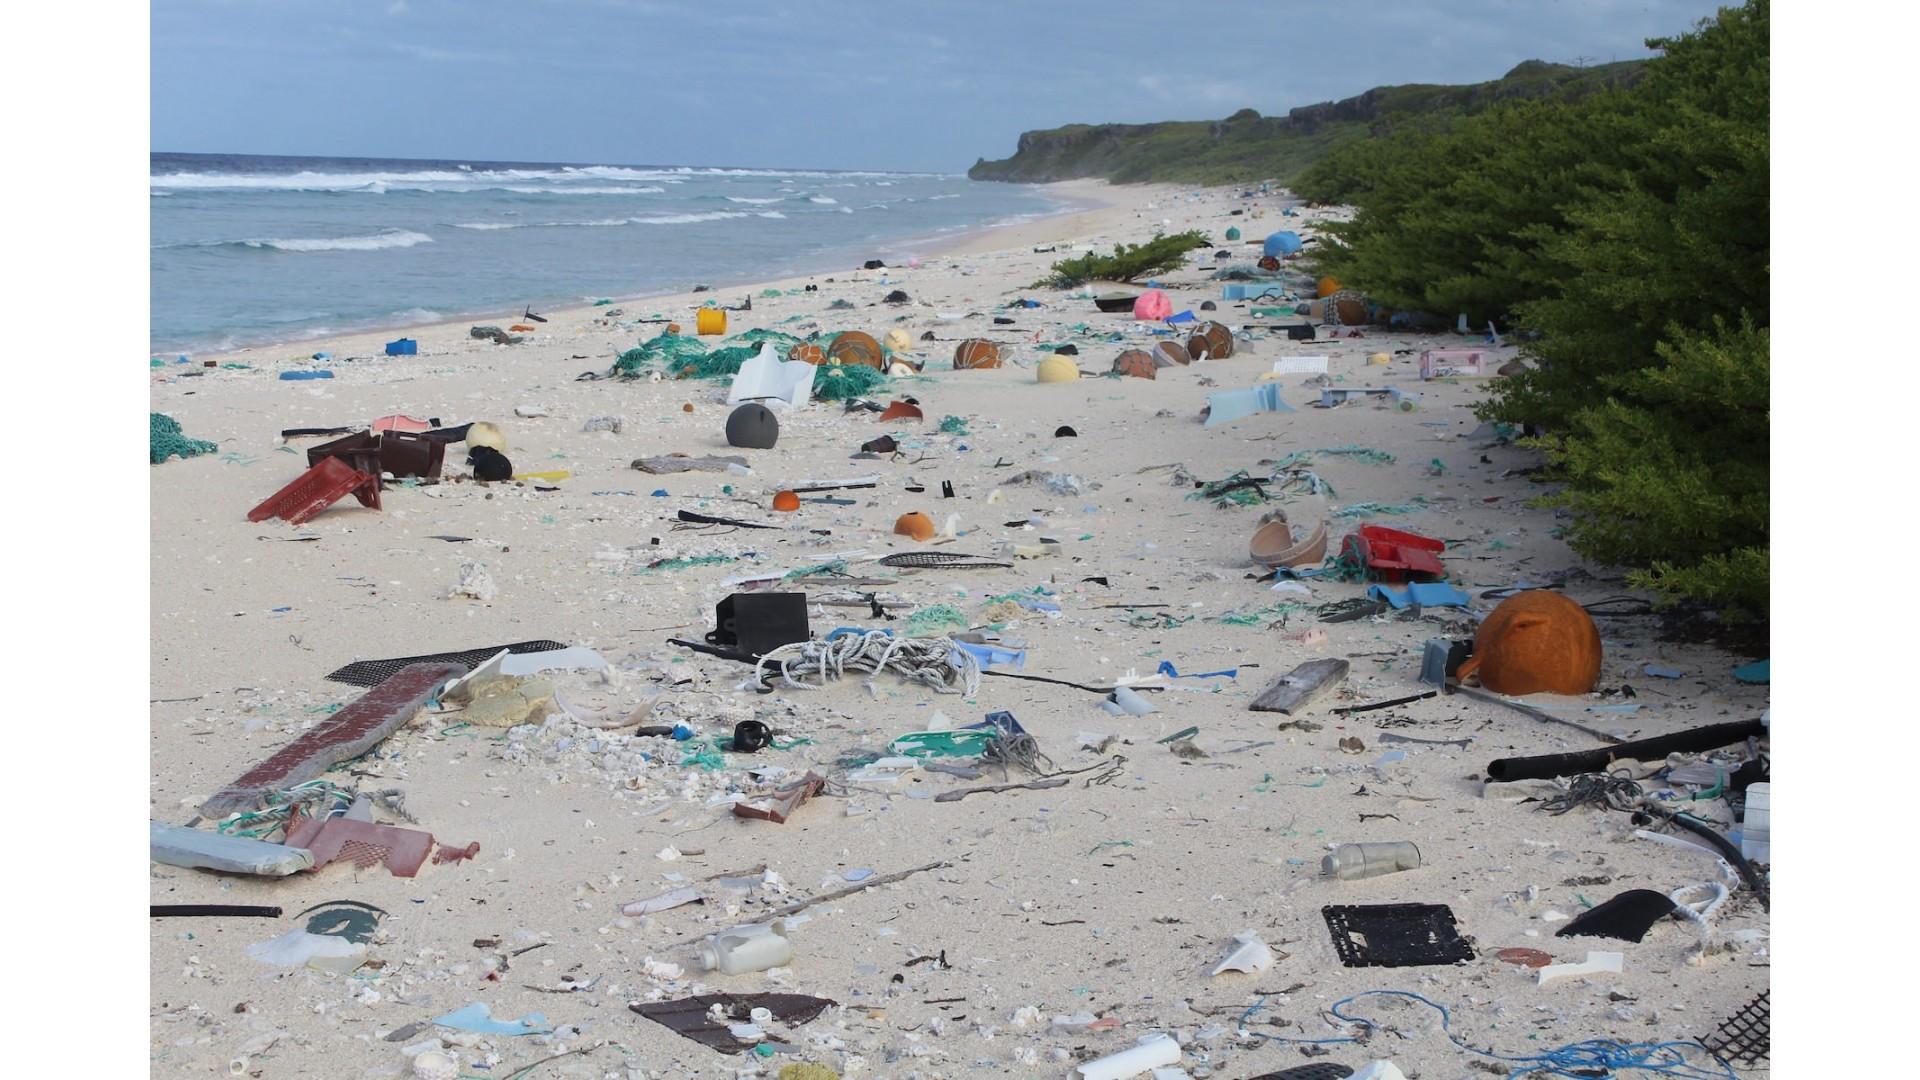 Zašto se recikliranjem neće riješiti problem onečišćenja plastikom